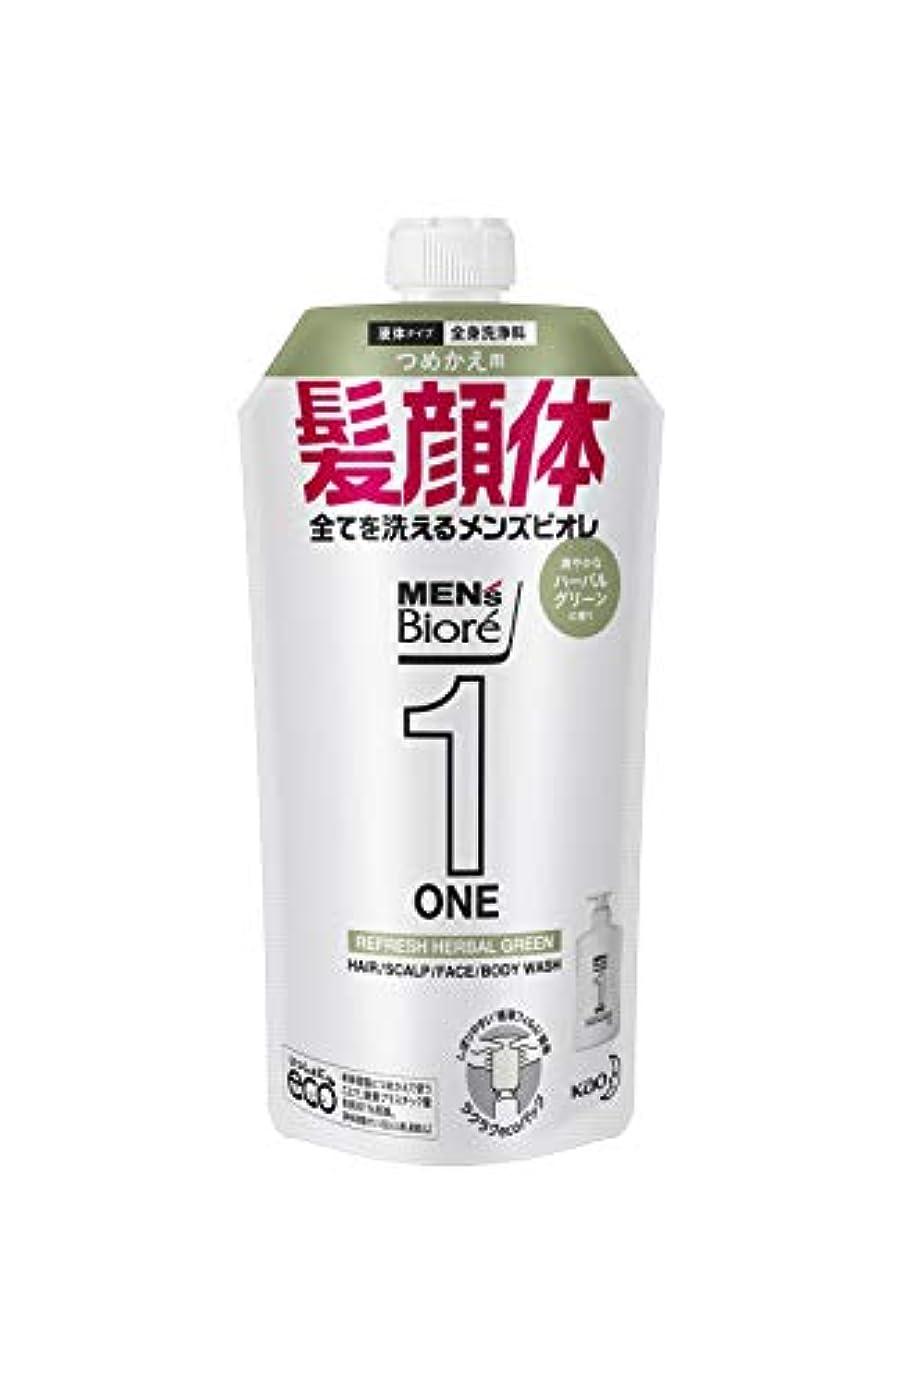 クリープ傑出したデコラティブメンズビオレワン オールインワン 全身洗浄料 爽やかなハーバルグリーンの香り つめかえ用 340ml